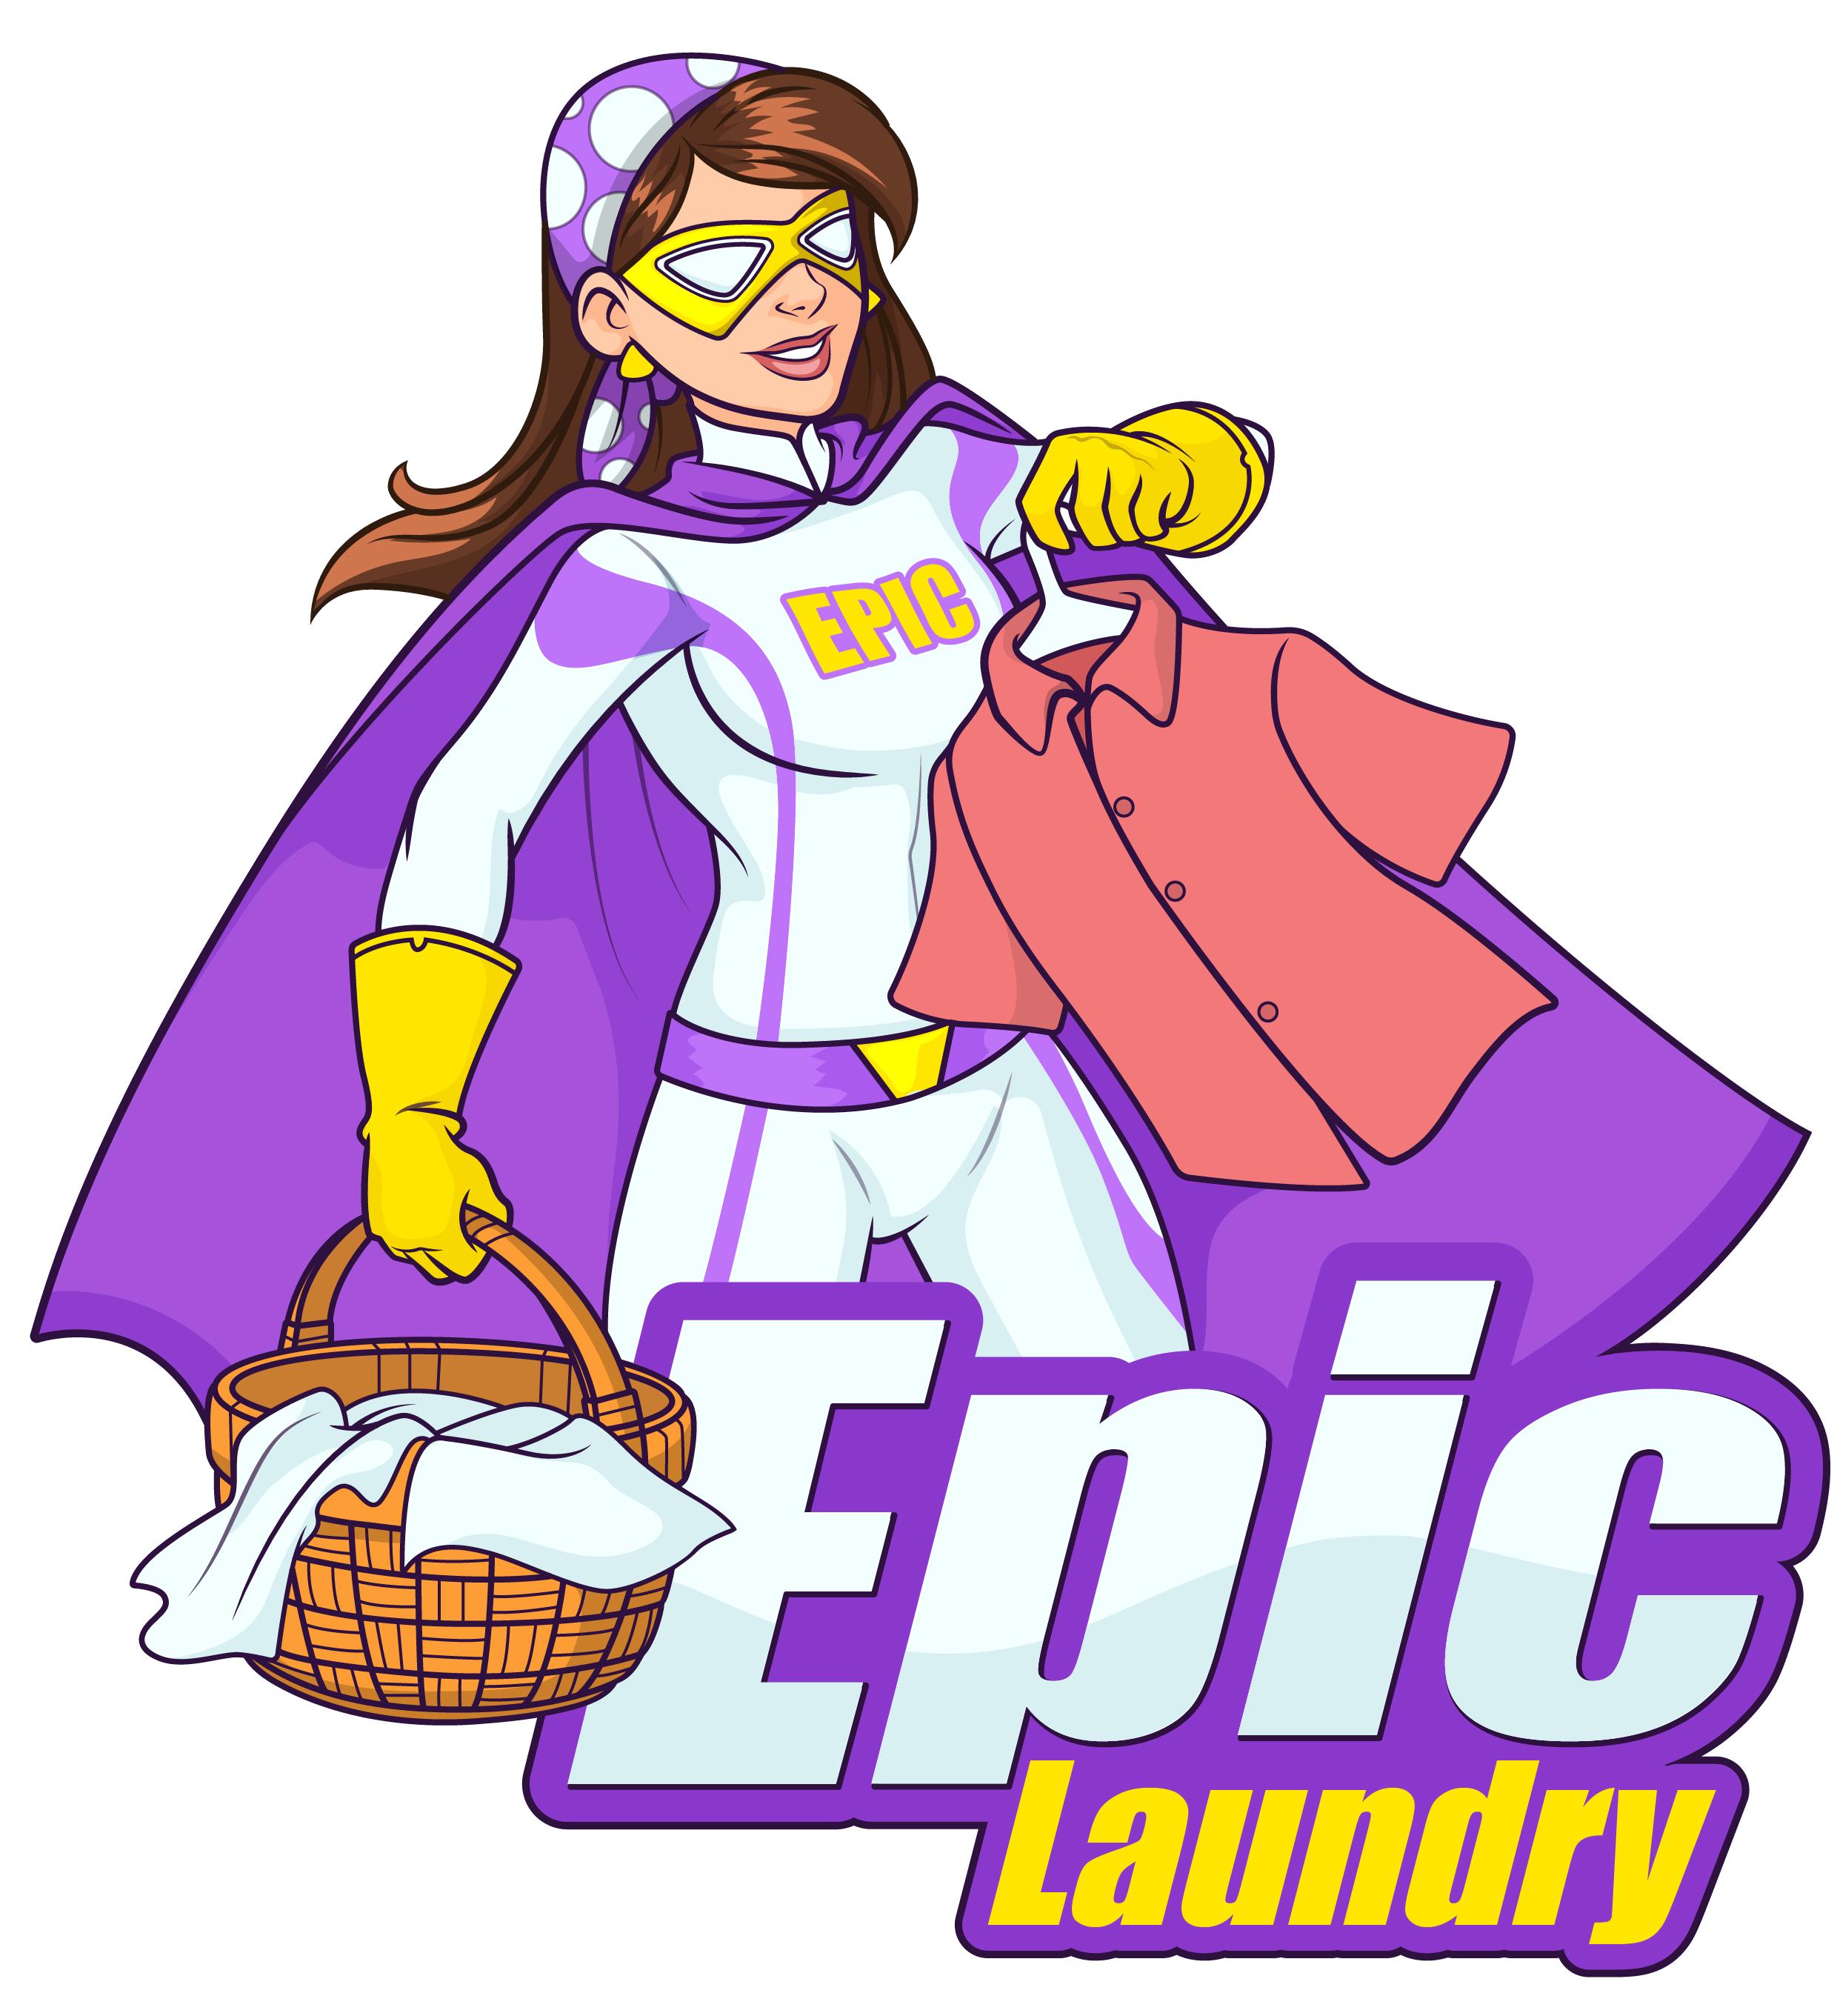 Denver Epic Laundromat